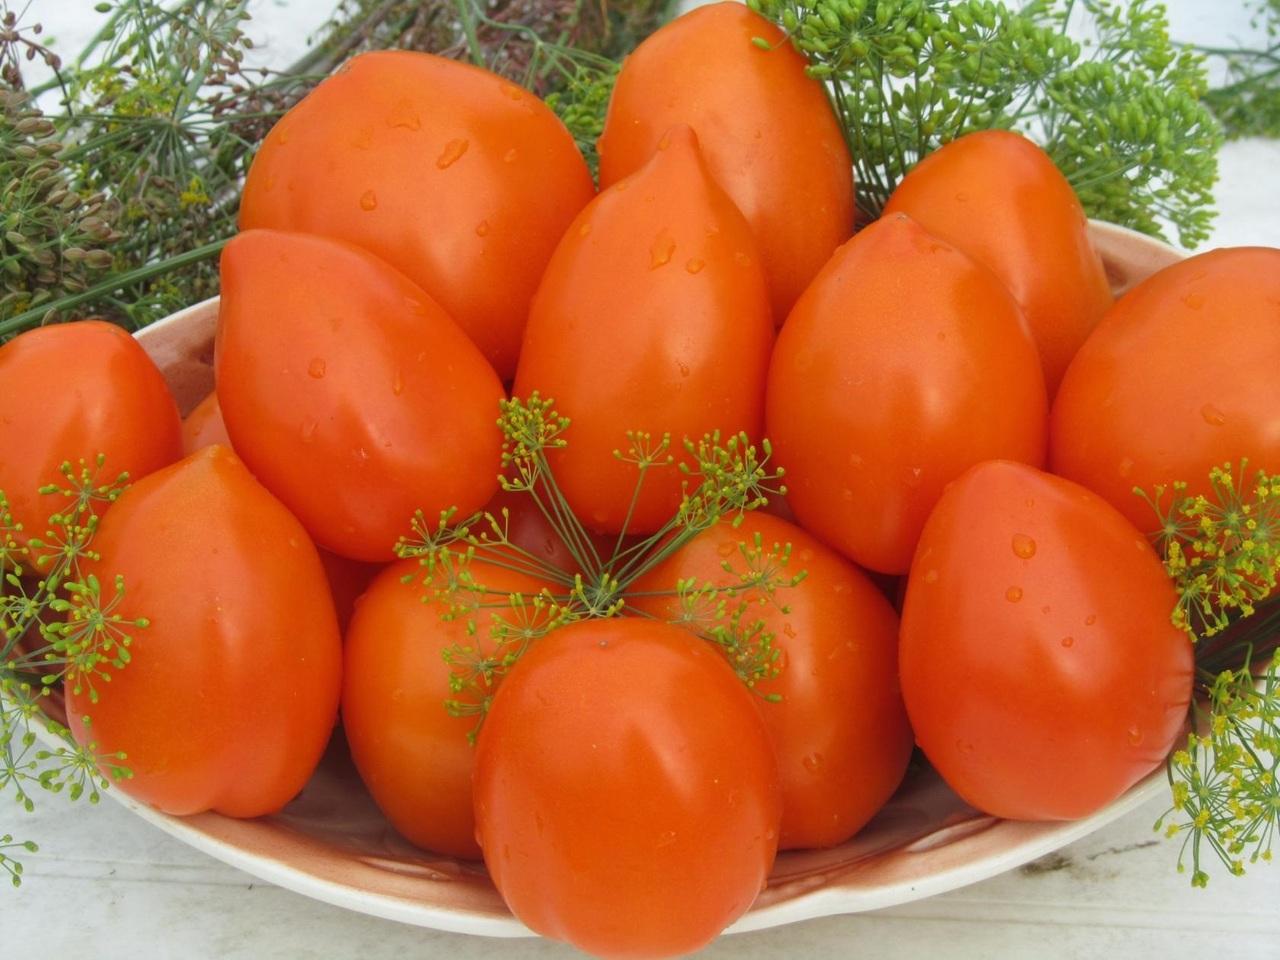 лучшие урожайные сорта для открытого грунта фото 6